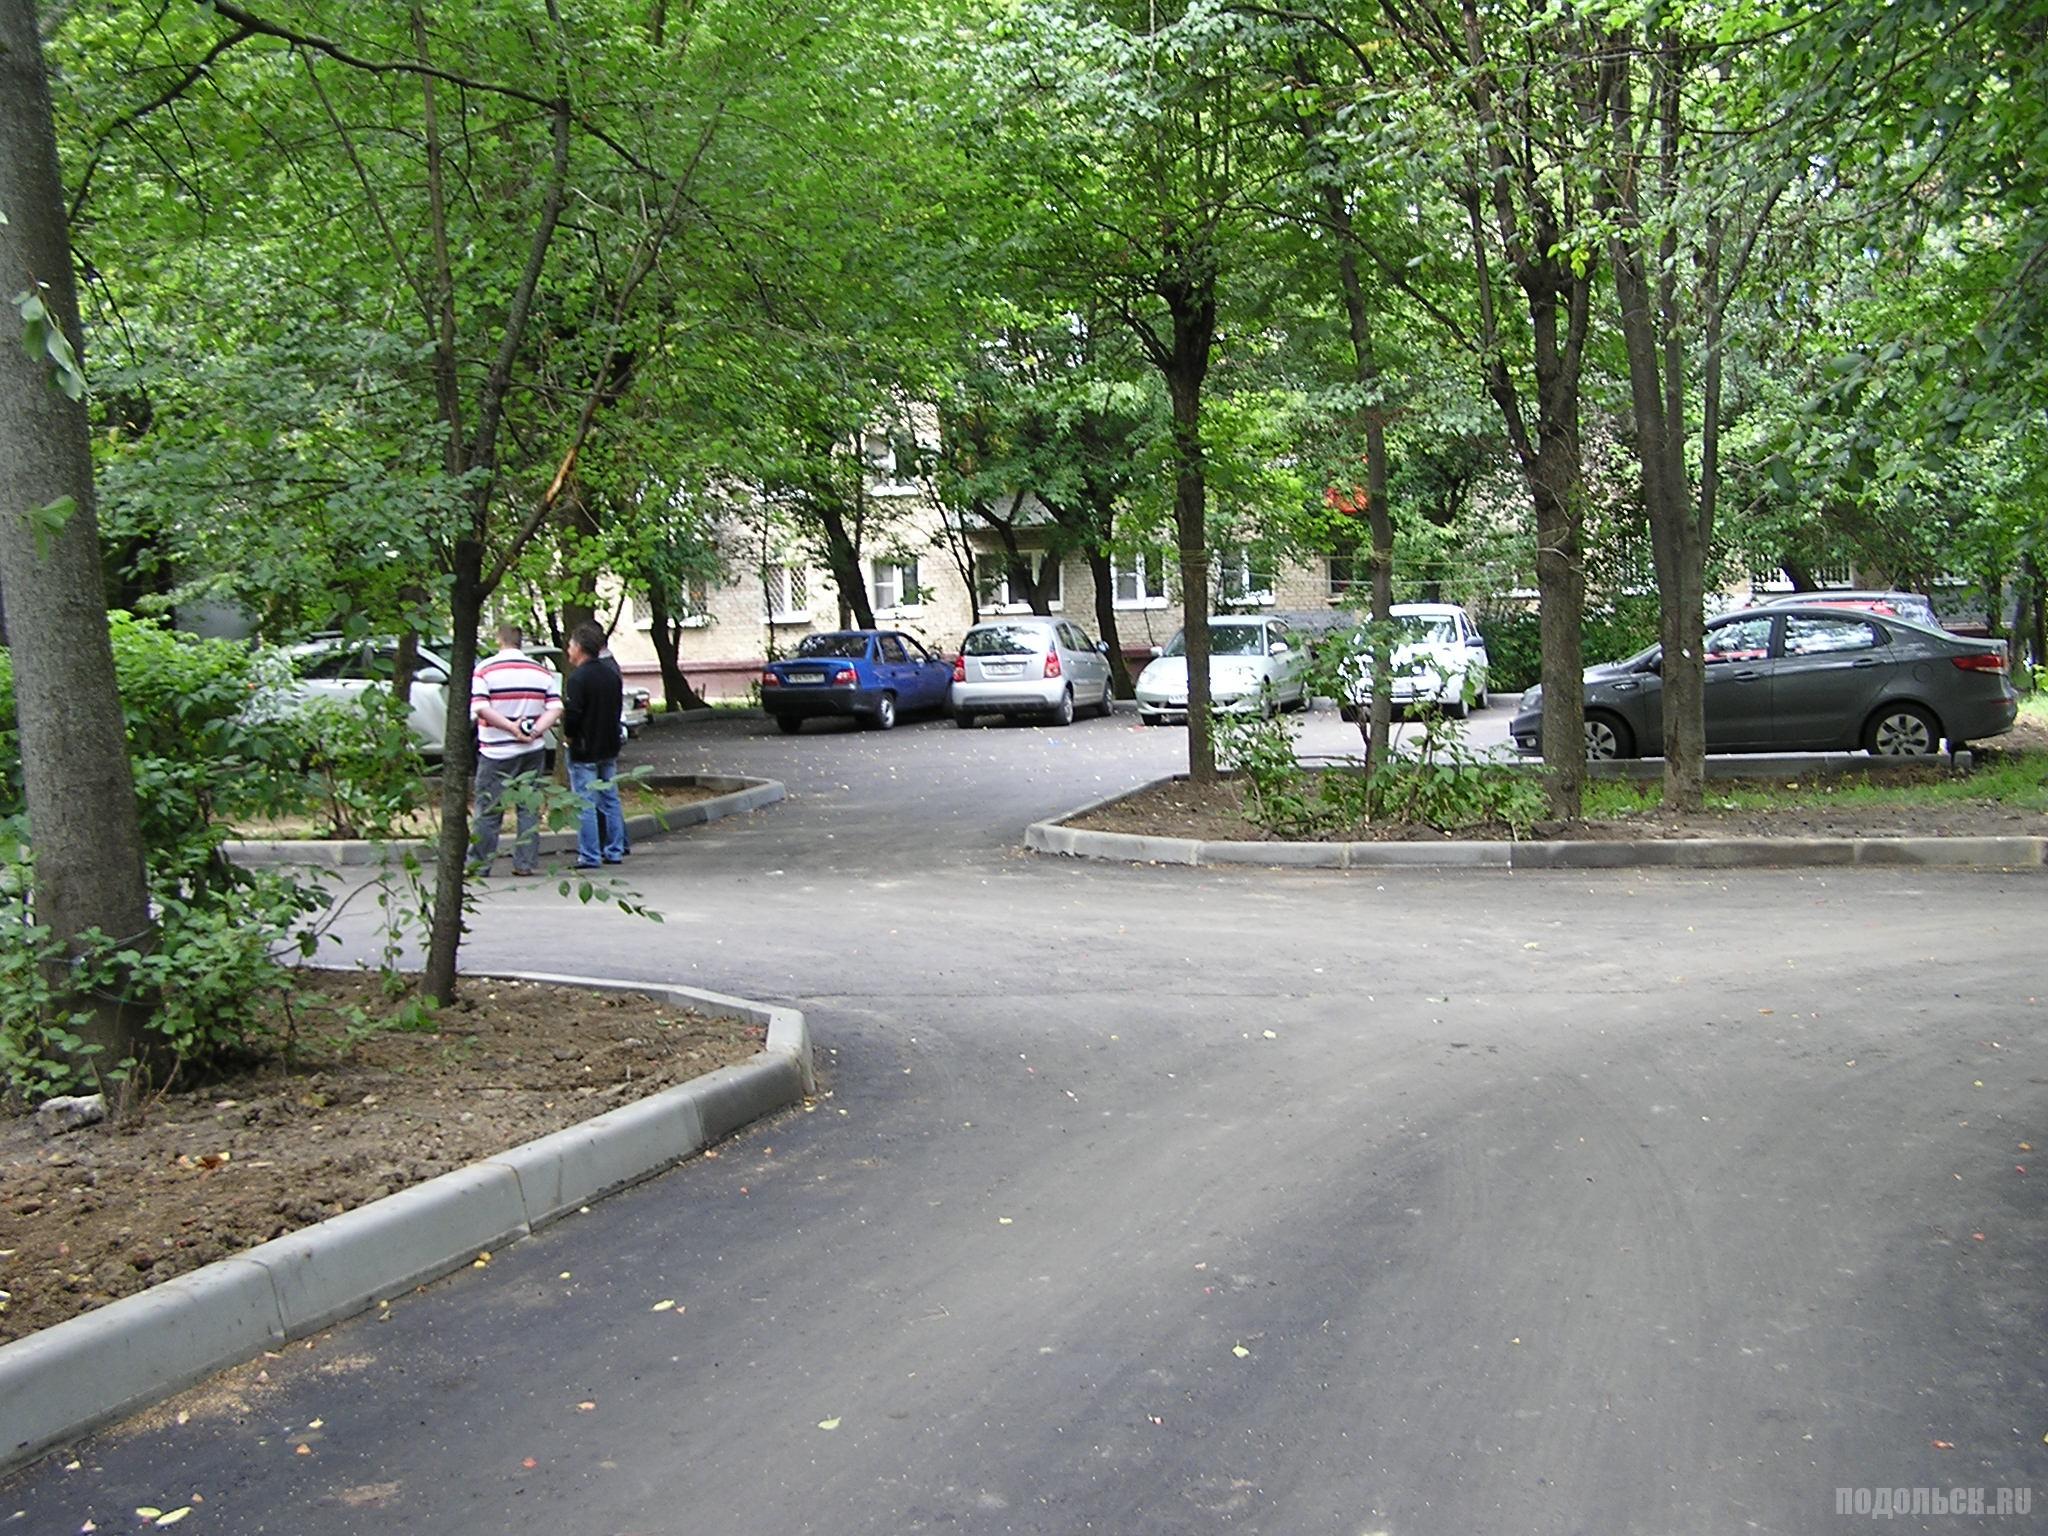 Новый асфальт и новая парковка. Климовск, Западная 4/16. Август 2016 г.